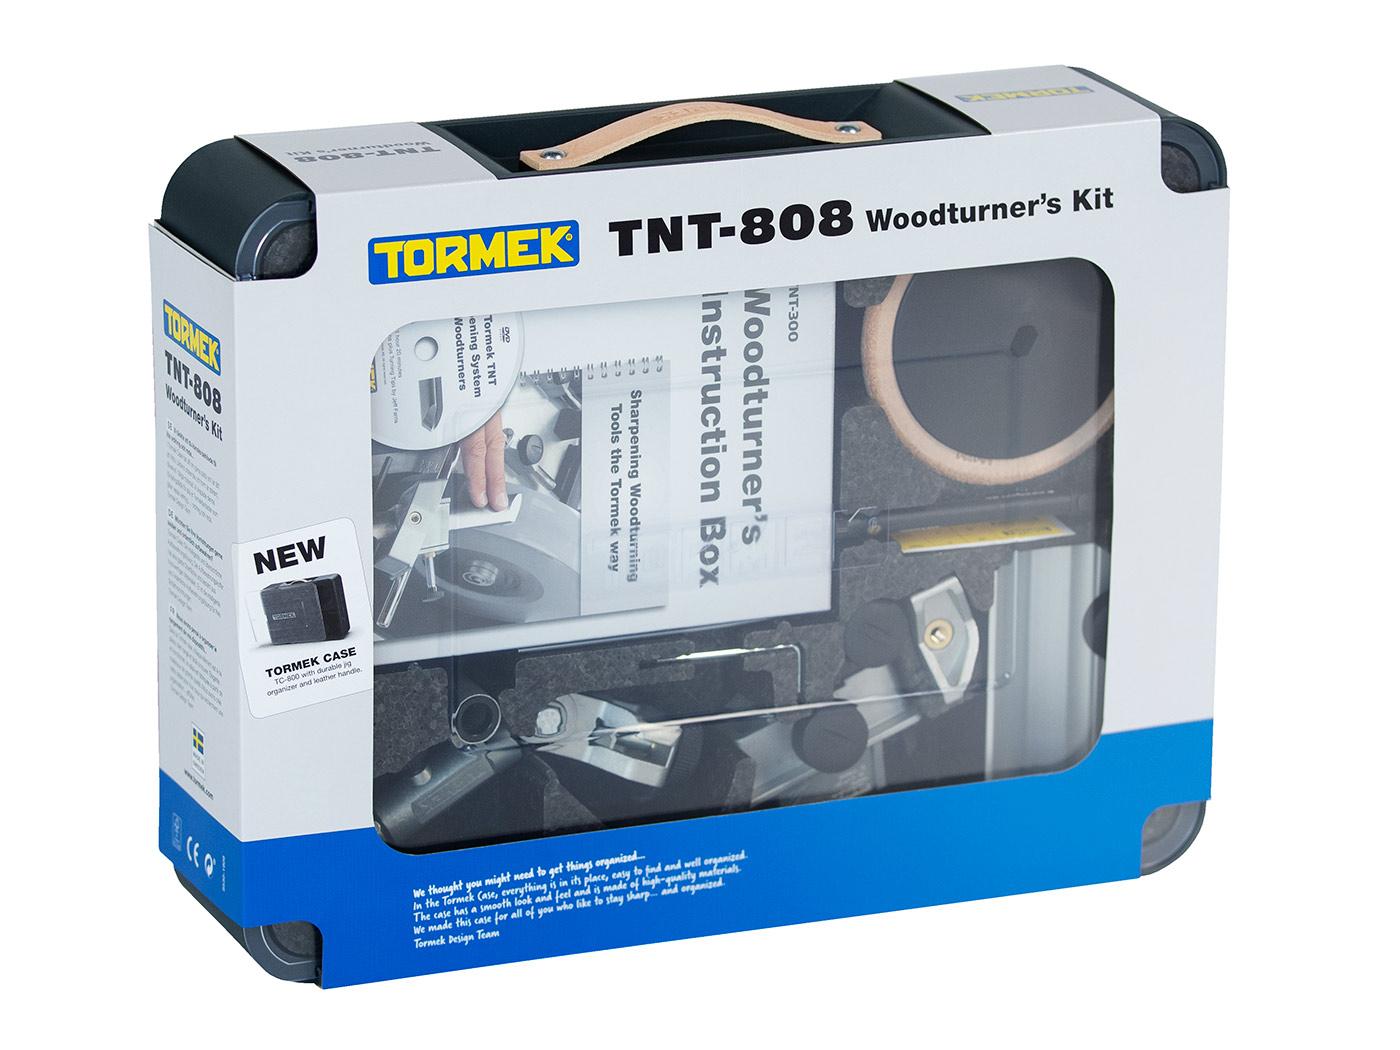 TNT-808